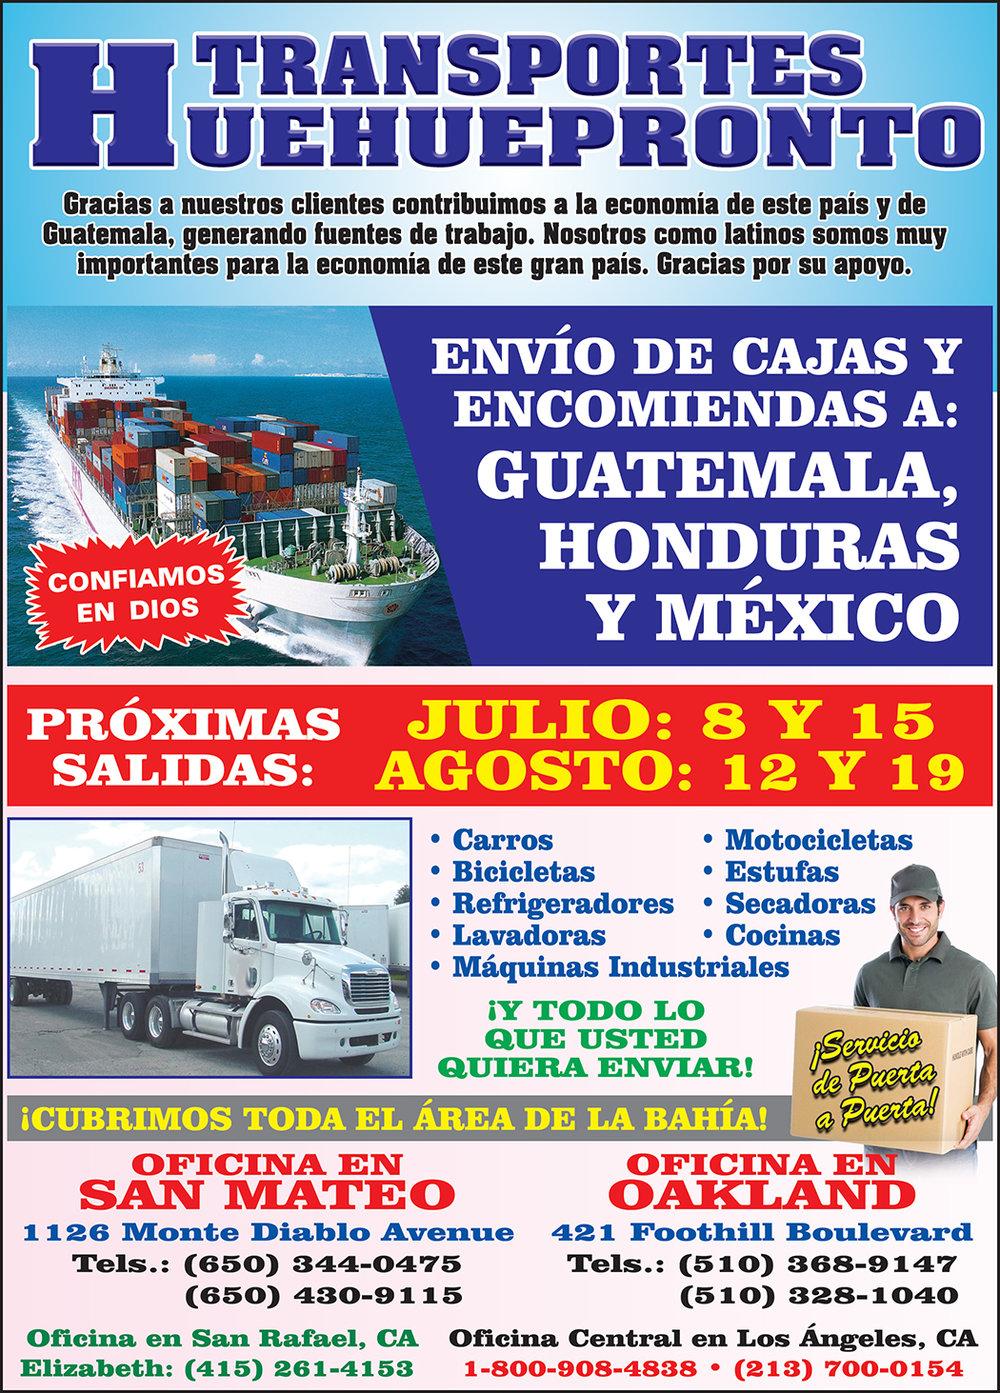 Transportes Huehuepronto 1pag - julio 2018 copy.jpg